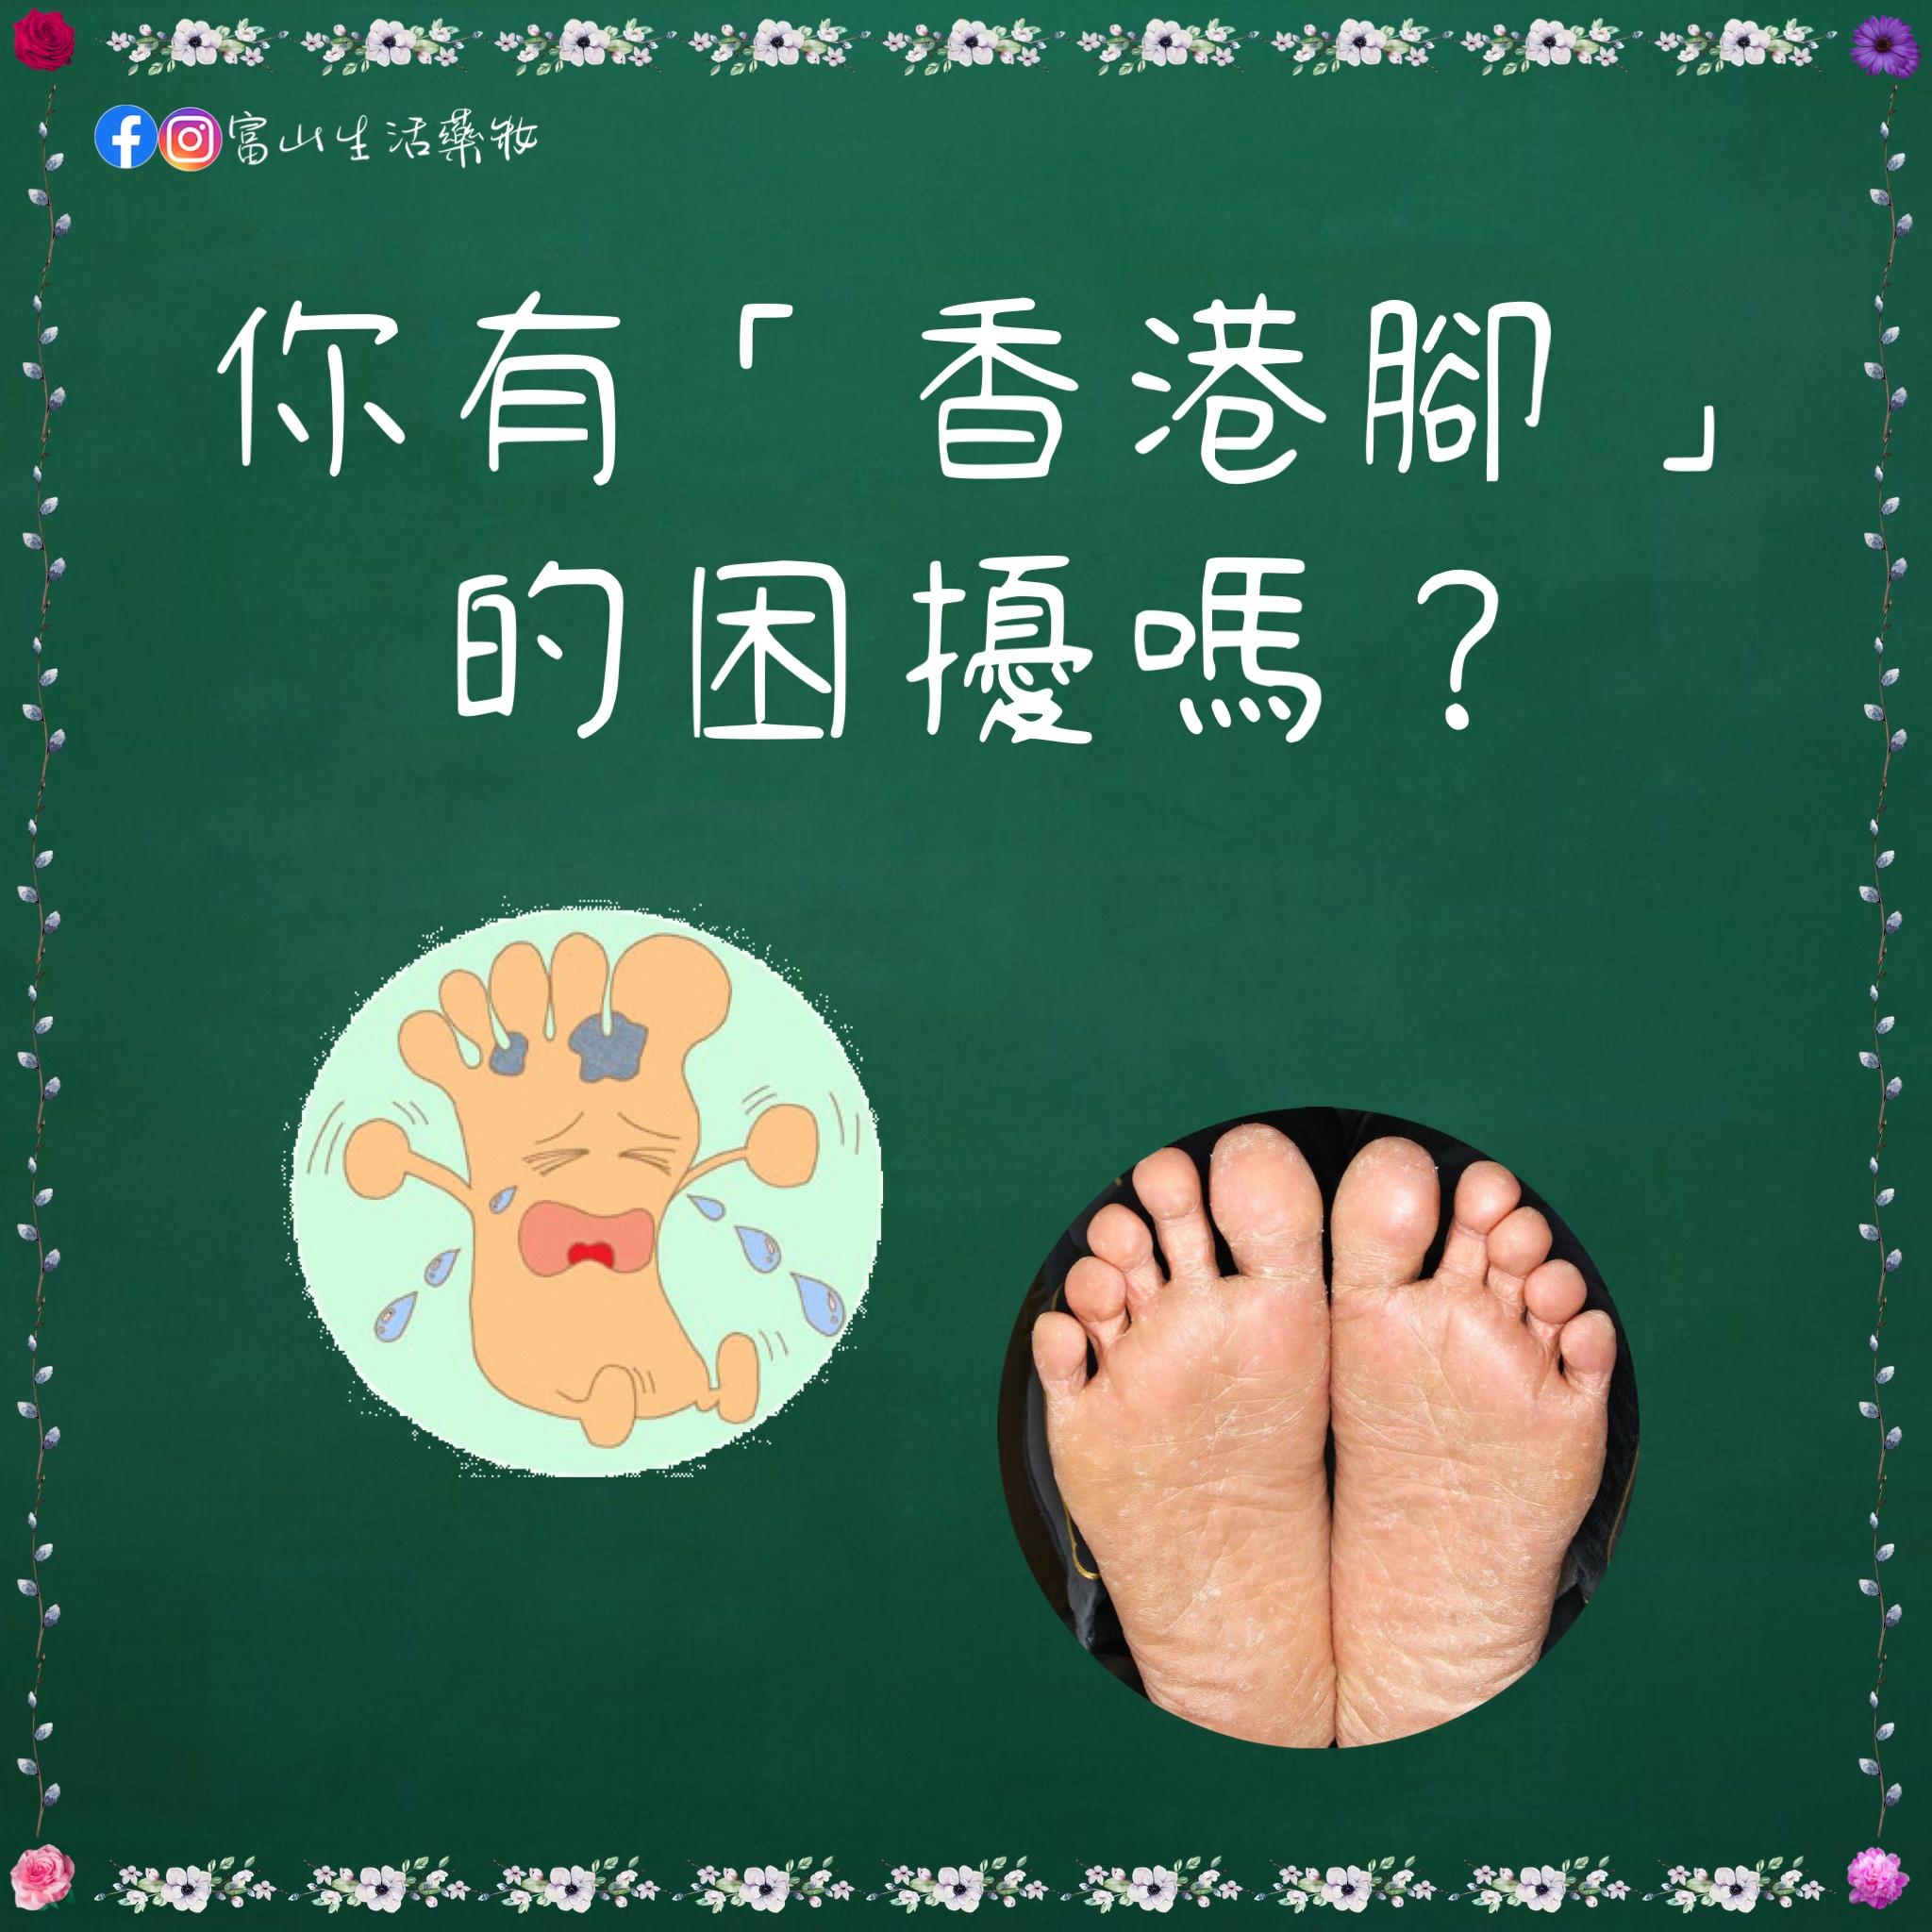 你也有「香港腳」的困擾嗎?